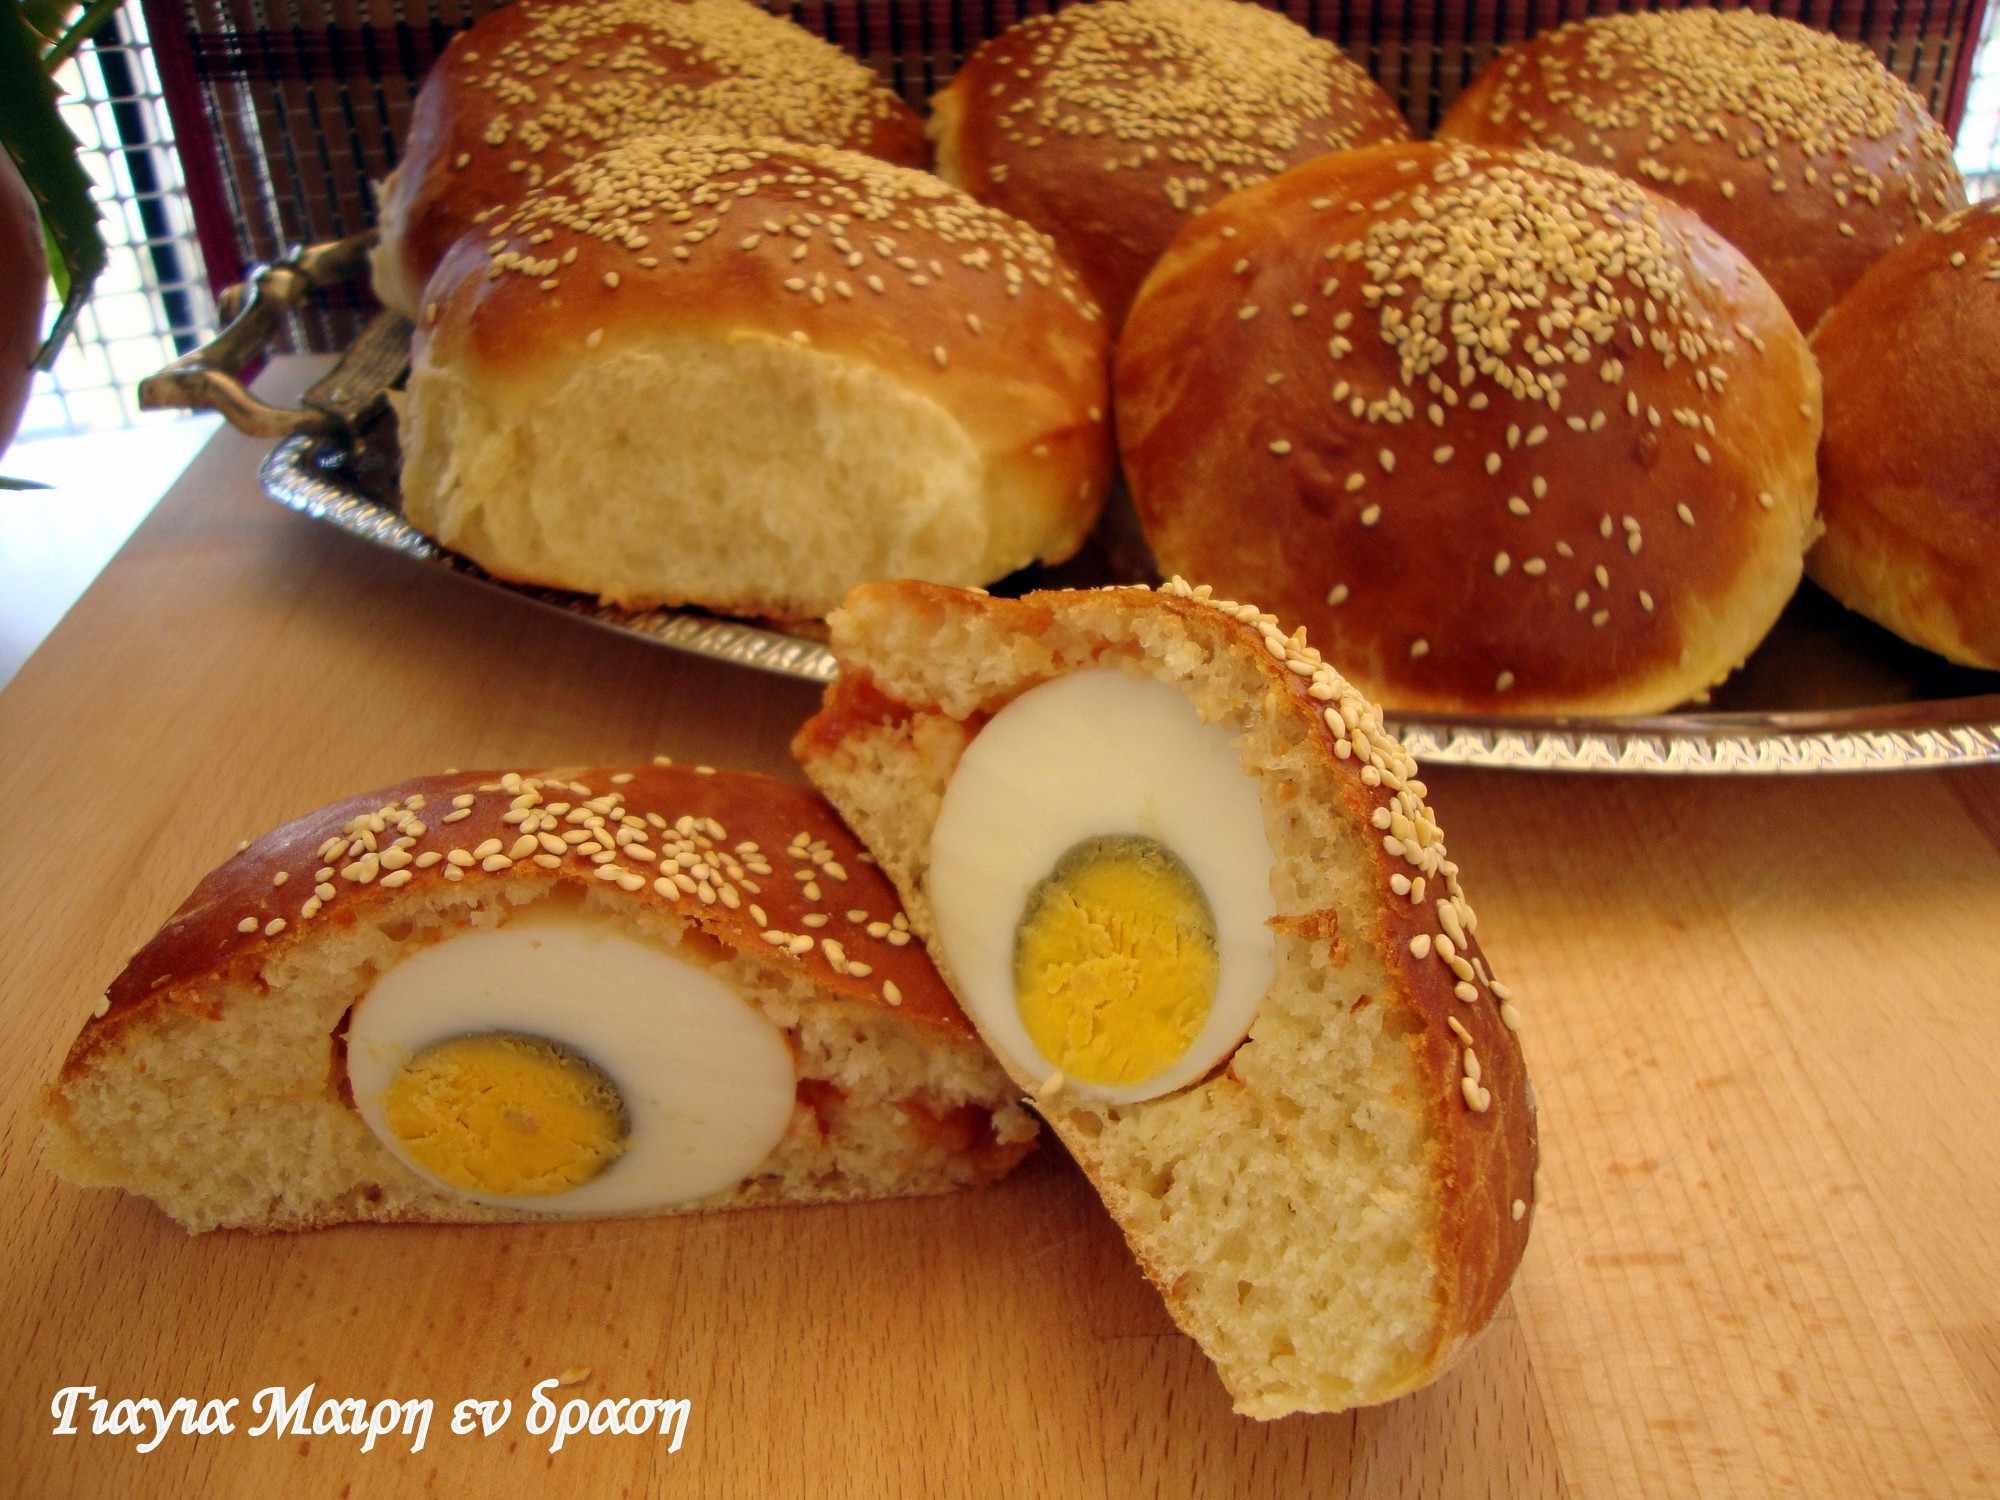 Ψωμάκια σαντου'ι'τς by Mairh